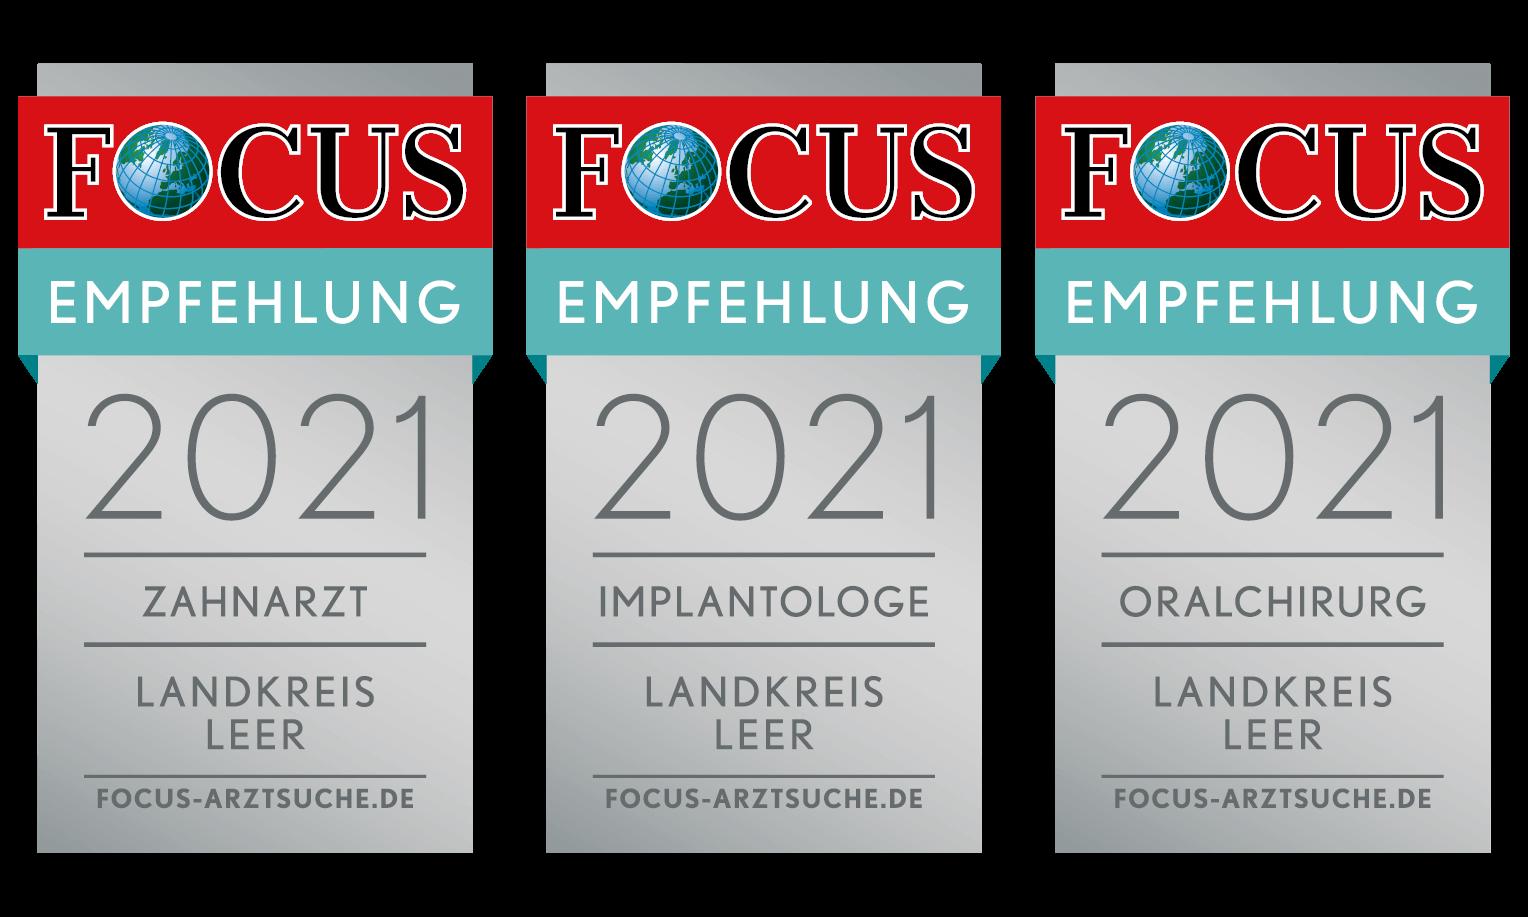 Dr. Hagen F. Wiegand der Zahnklinik Bunde – geführt als empfohlener Fachzahnarzt für Oralchirurgie und Implantologie im Landkreis Leer auf der FOCUS-Arztsuche.